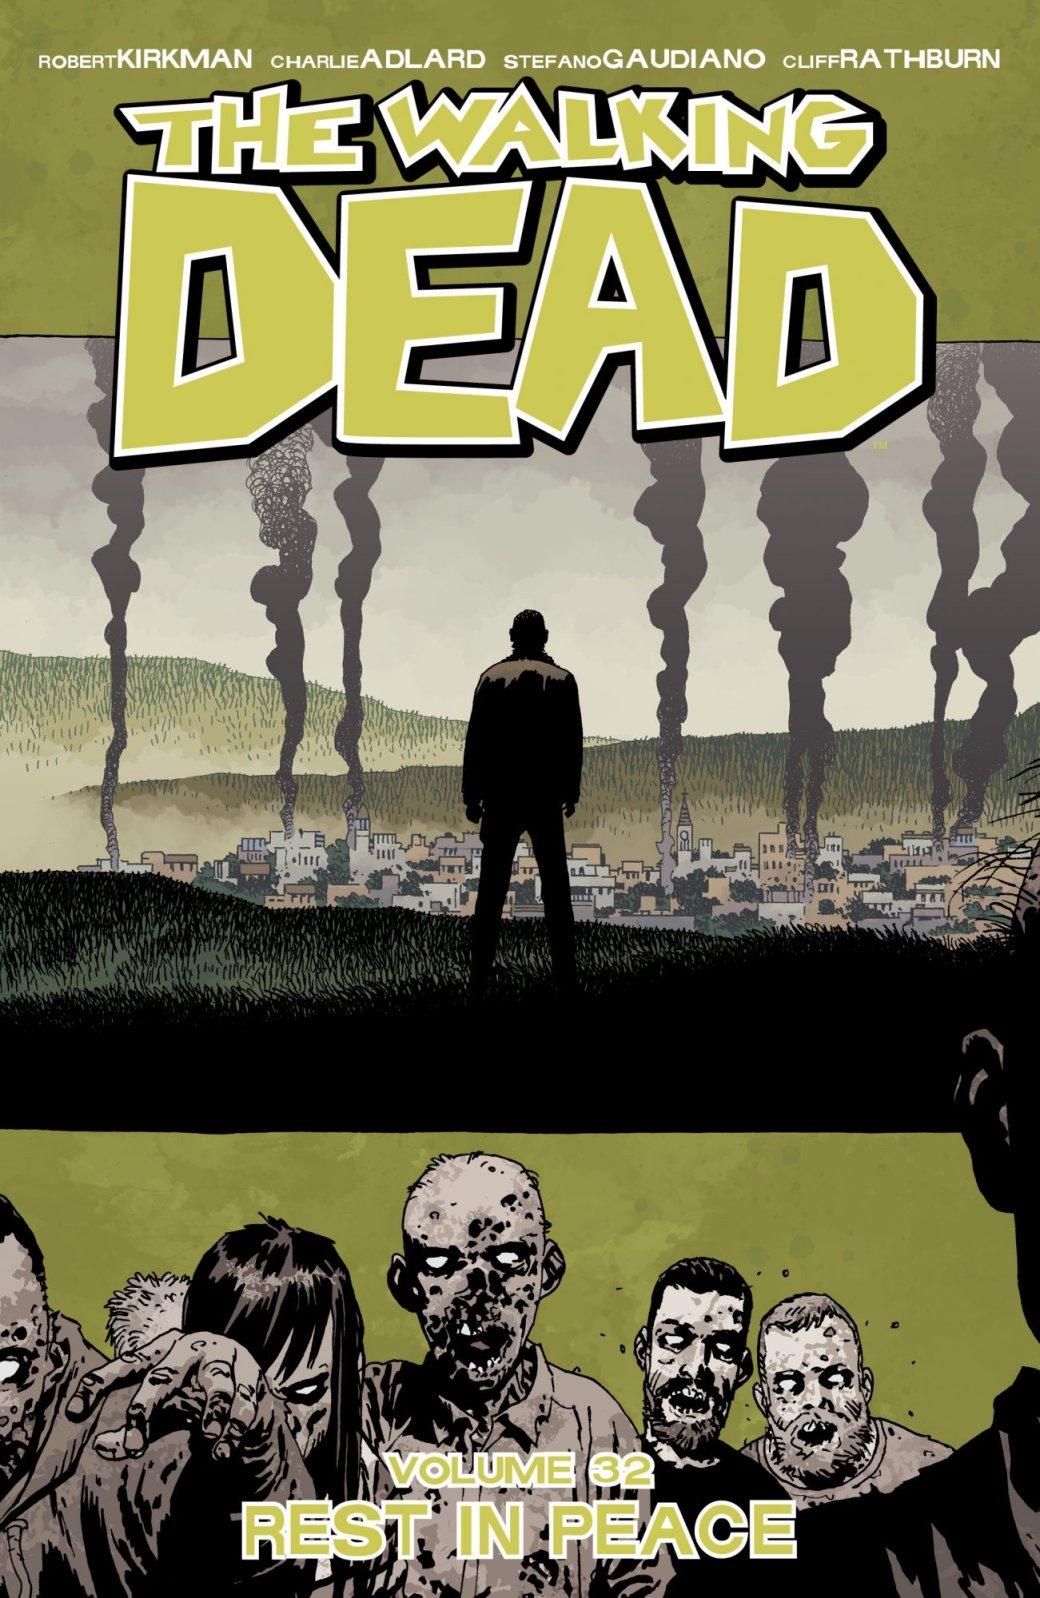 Жуткие спойлеры кновому номеру «Ходячих мертвецов» появились всети раньше времени [обновлено] | Канобу - Изображение 0